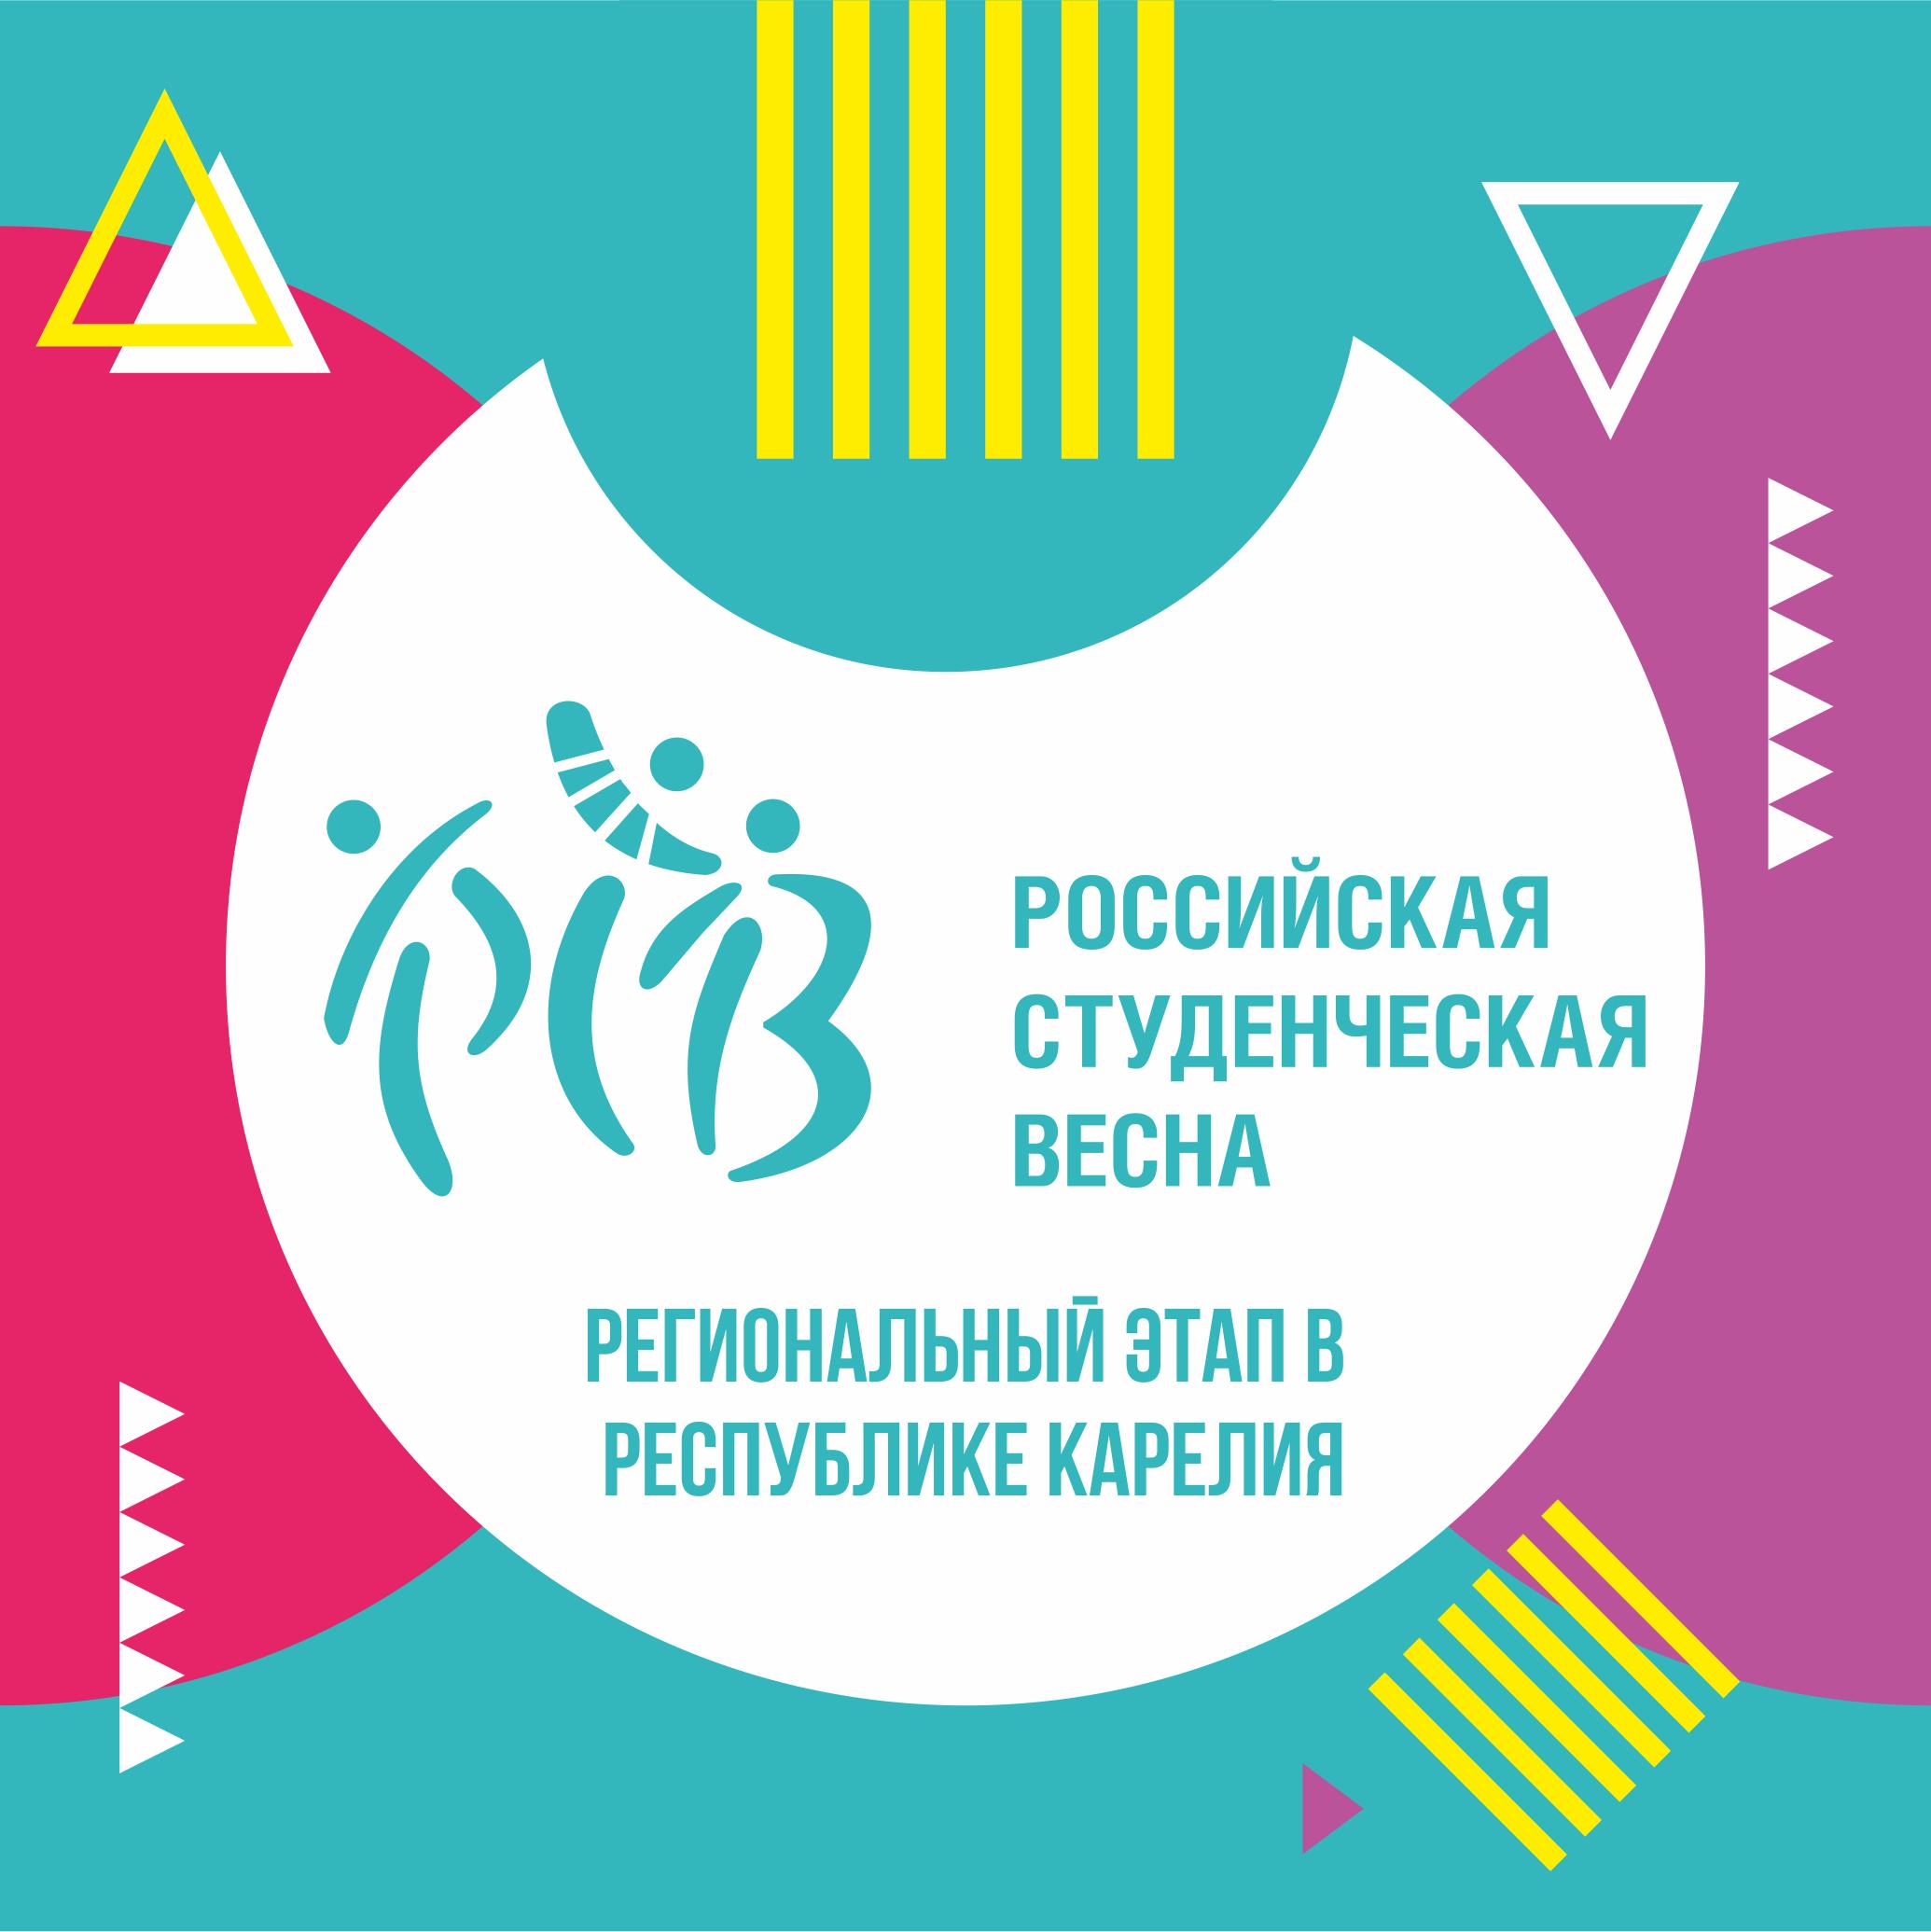 В Карелии проходит фестиваль студенческого творчества